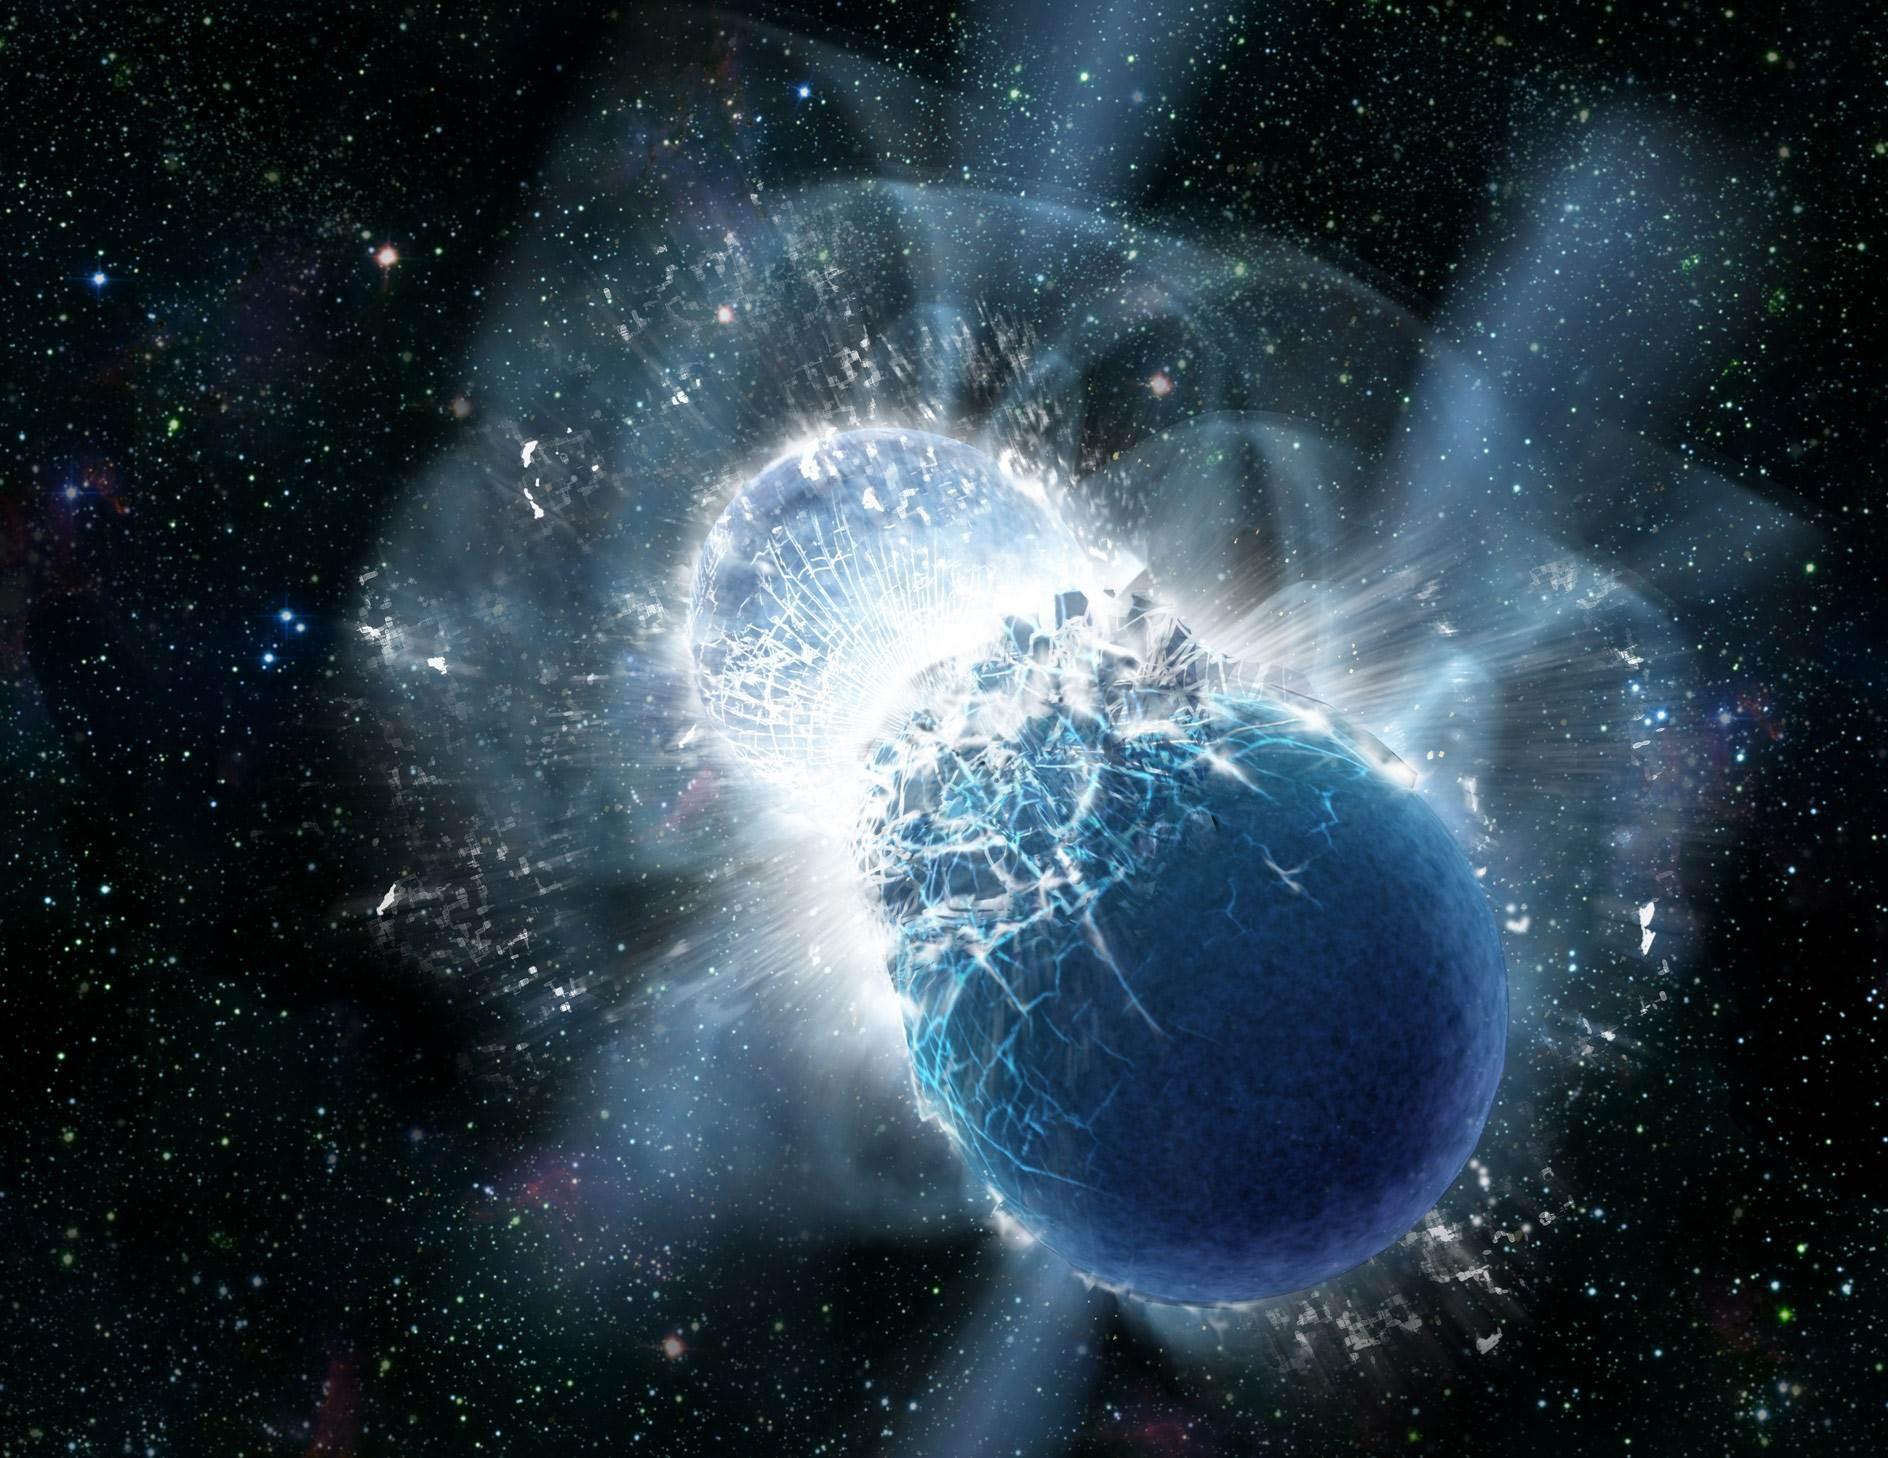 تتكون النجوم النيوترونية والثقوب السوداء عندما تحترق النجوم الضخمة من خلال وقودها النووي